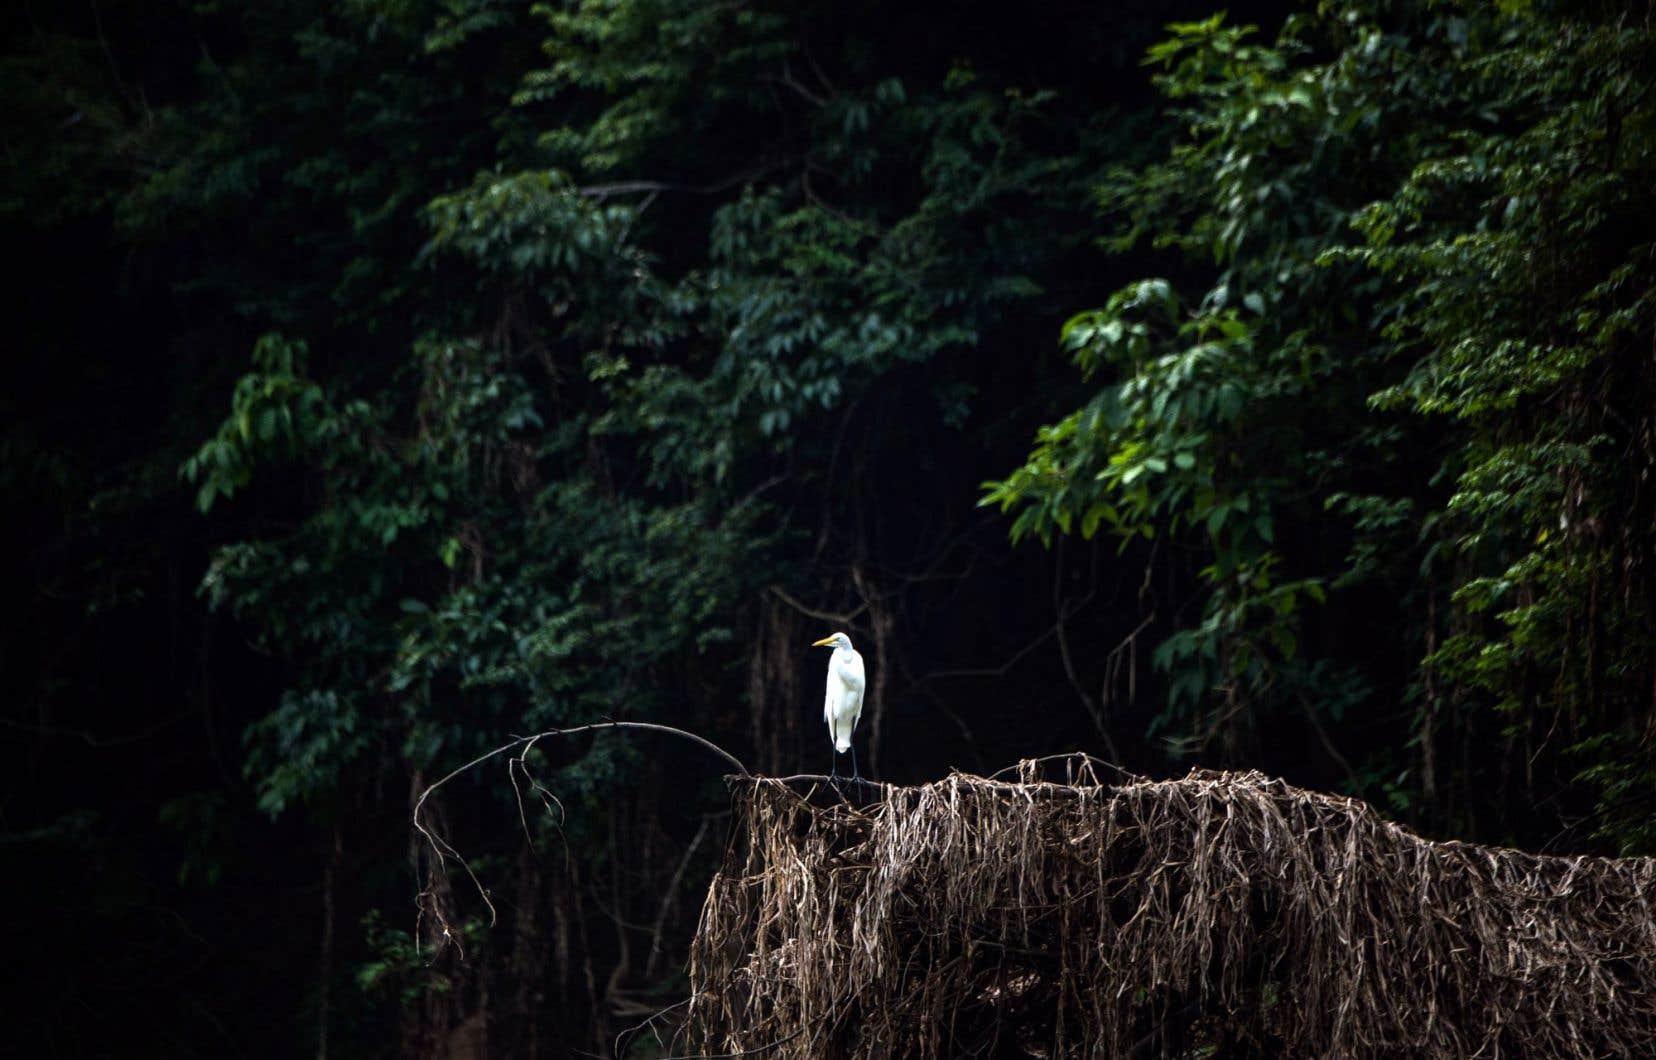 Un héron sur la berge du Rio Negro.Plus de 2000 nouvelles espèces au cours des 17 dernières années en Amazonie.